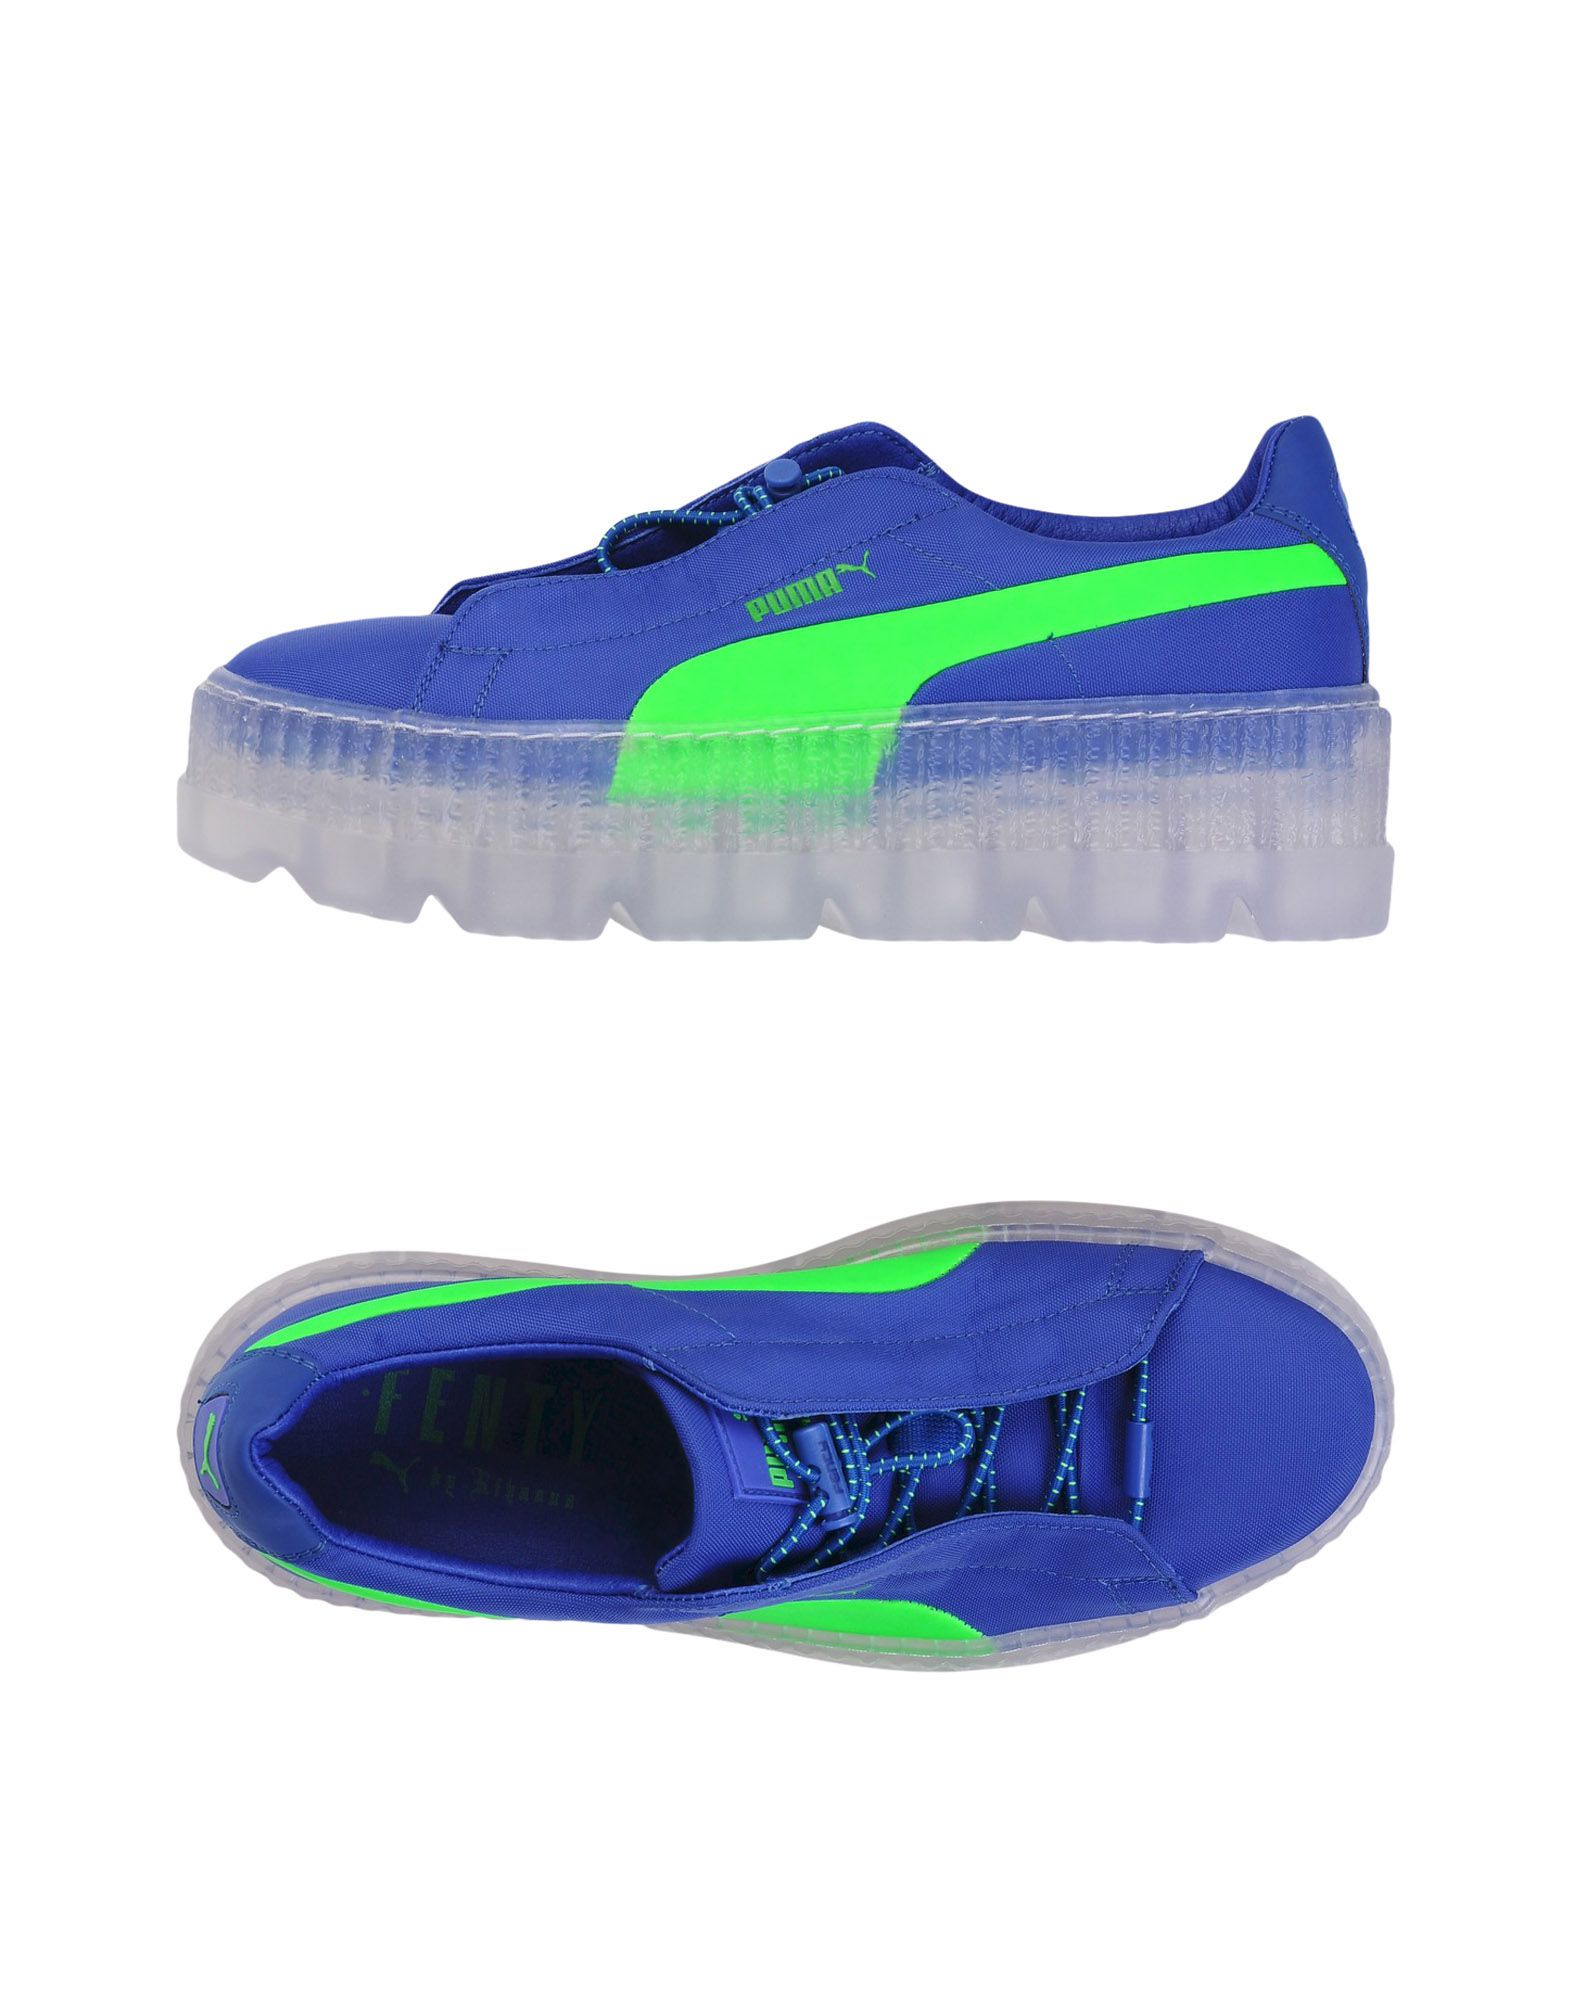 innovative design f8817 5fb77 FENTY PUMA by RIHANNA Sneakers - Footwear | YOOX.COM